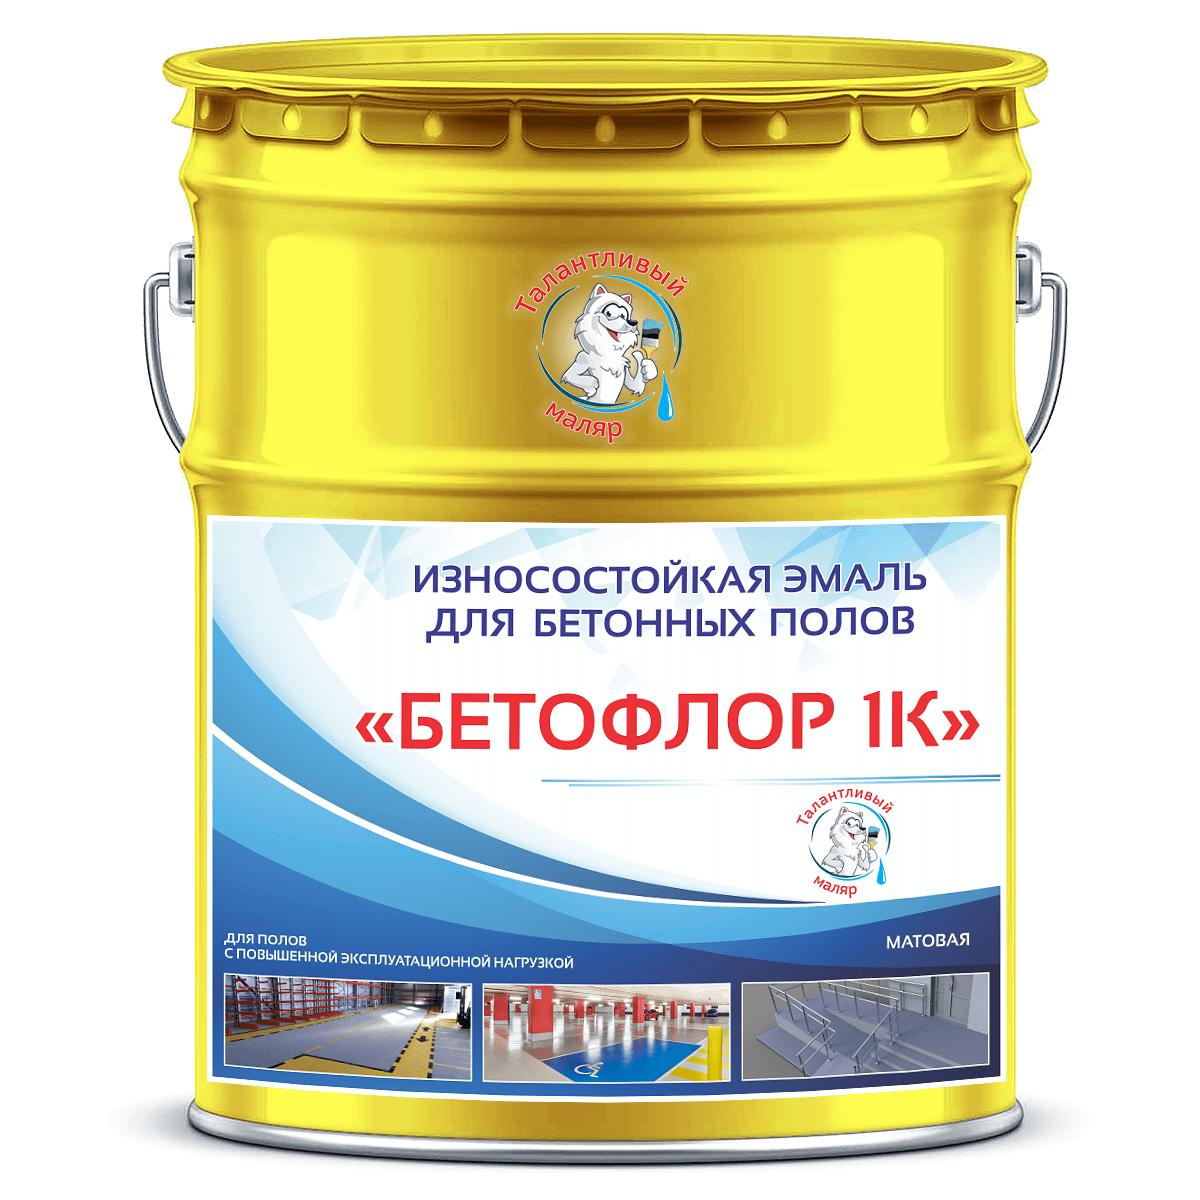 """Фото 19 - BF1021 Эмаль для бетонных полов """"Бетофлор"""" 1К цвет RAL 1021 Рапсово-жёлтый, матовая износостойкая, 25 кг """"Талантливый Маляр""""."""